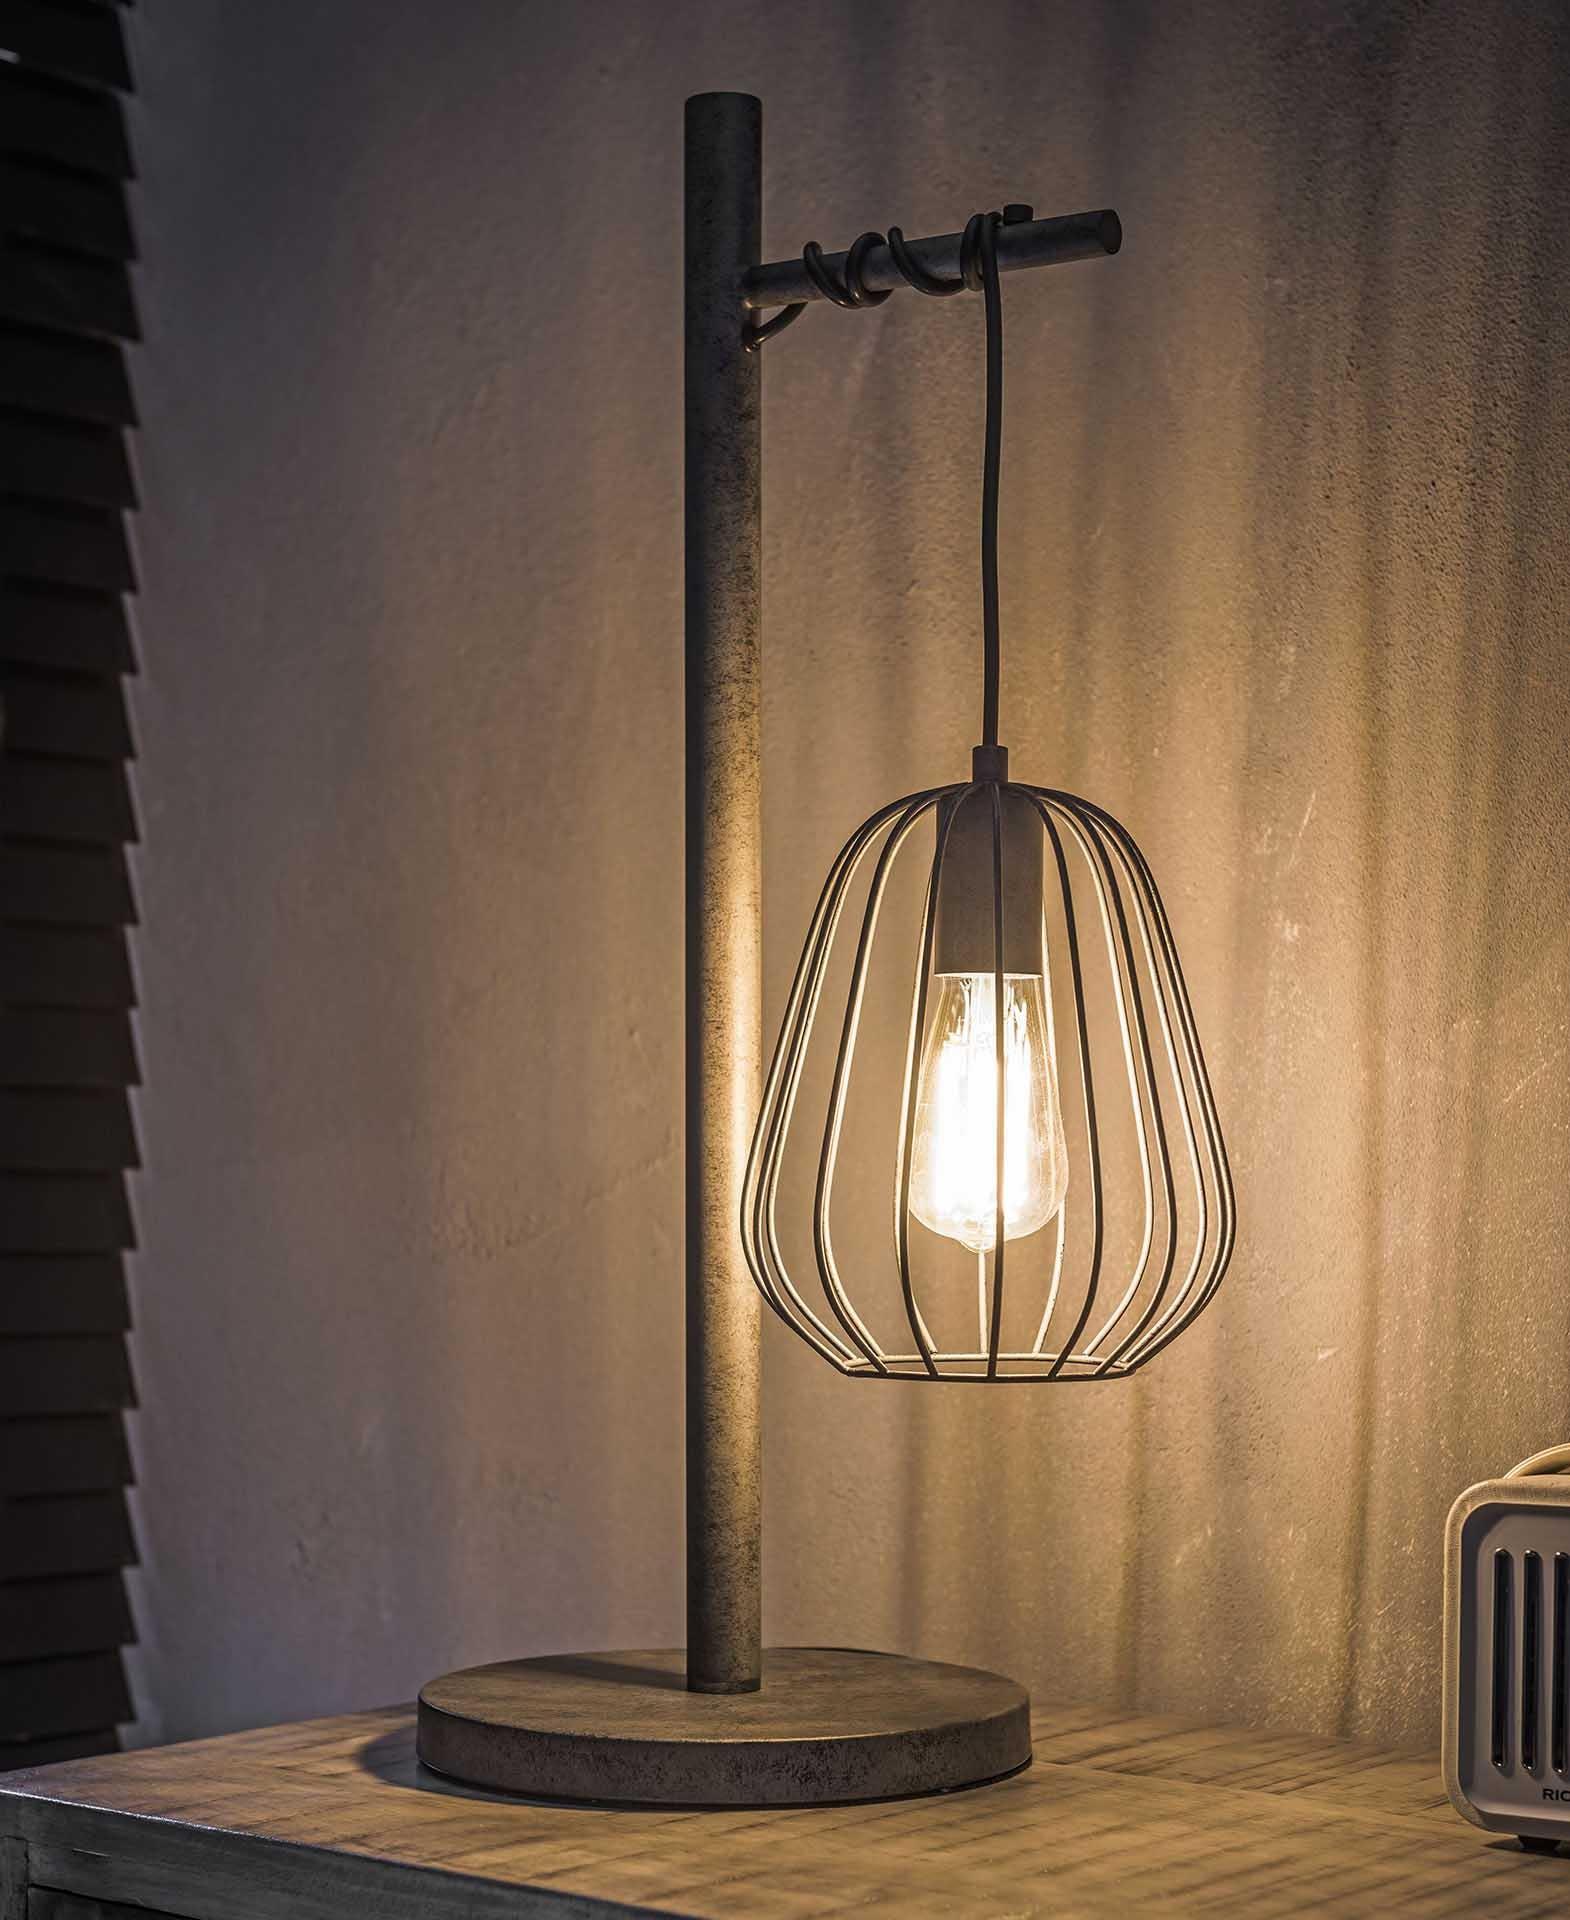 Lampe industrielle à poser métal vieilli H66 cm TRIBECA